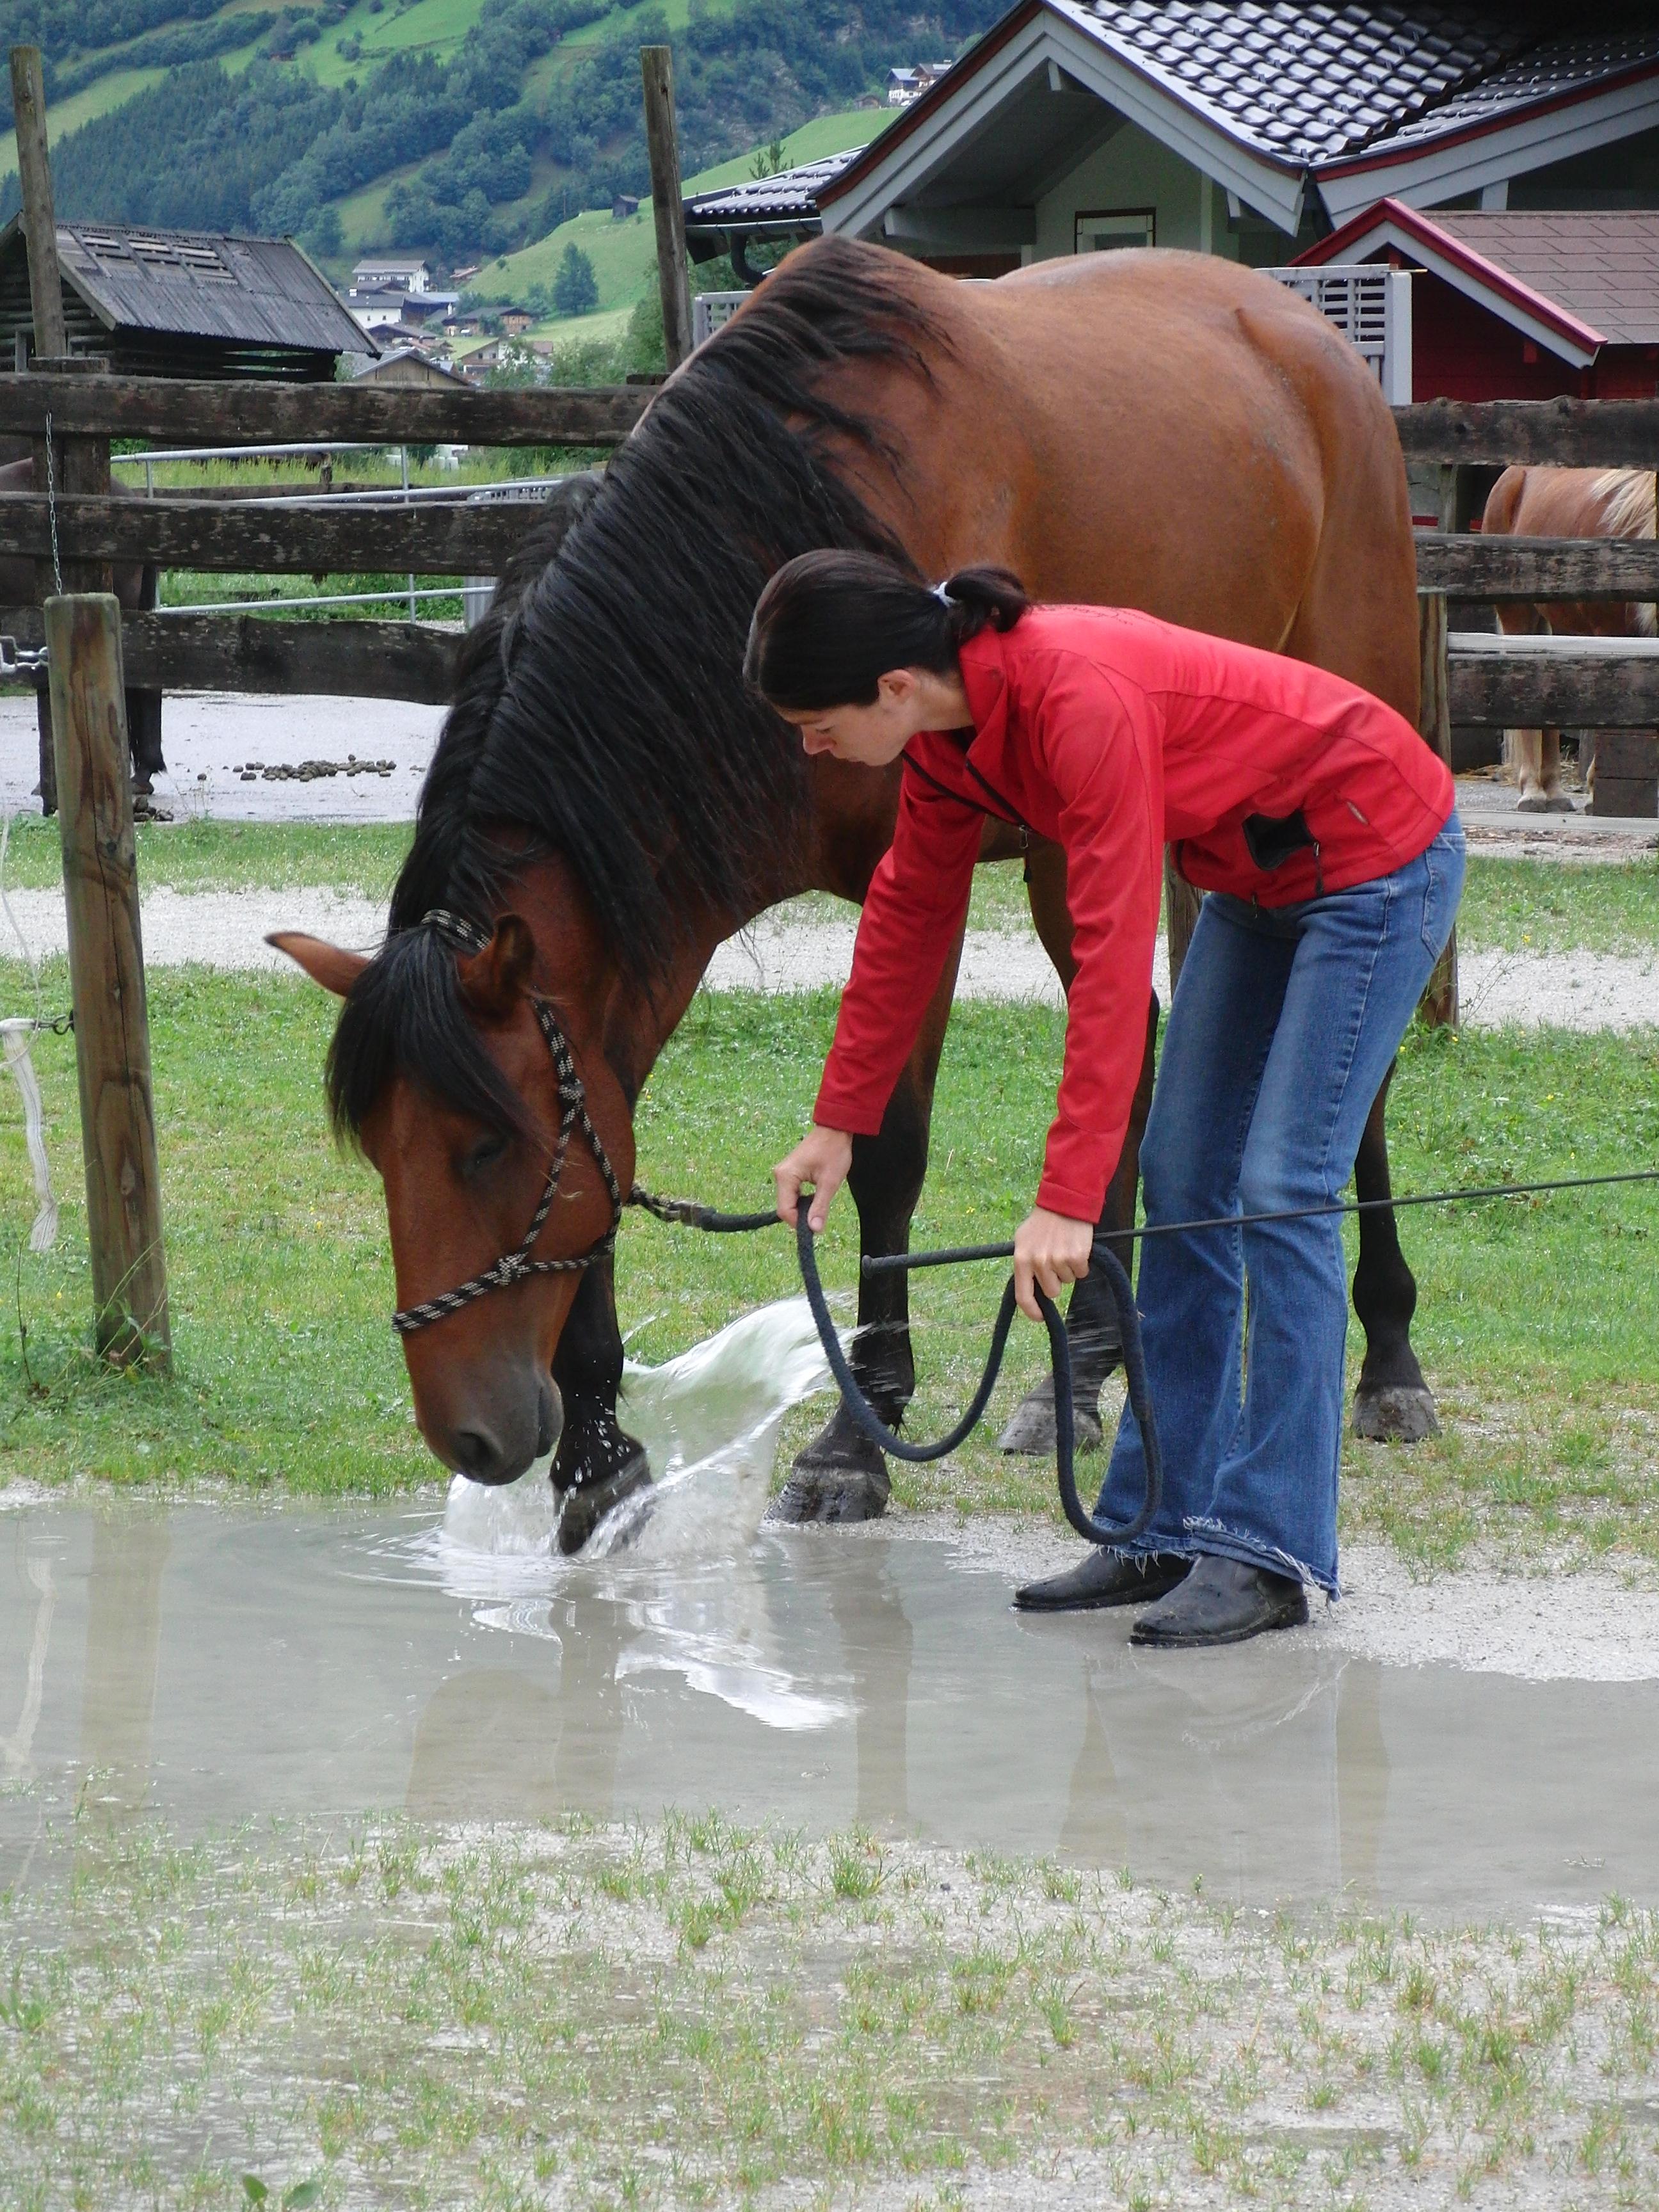 für ausreichende Trinkwasserversorgung bei der Pferdefütterung sorgen